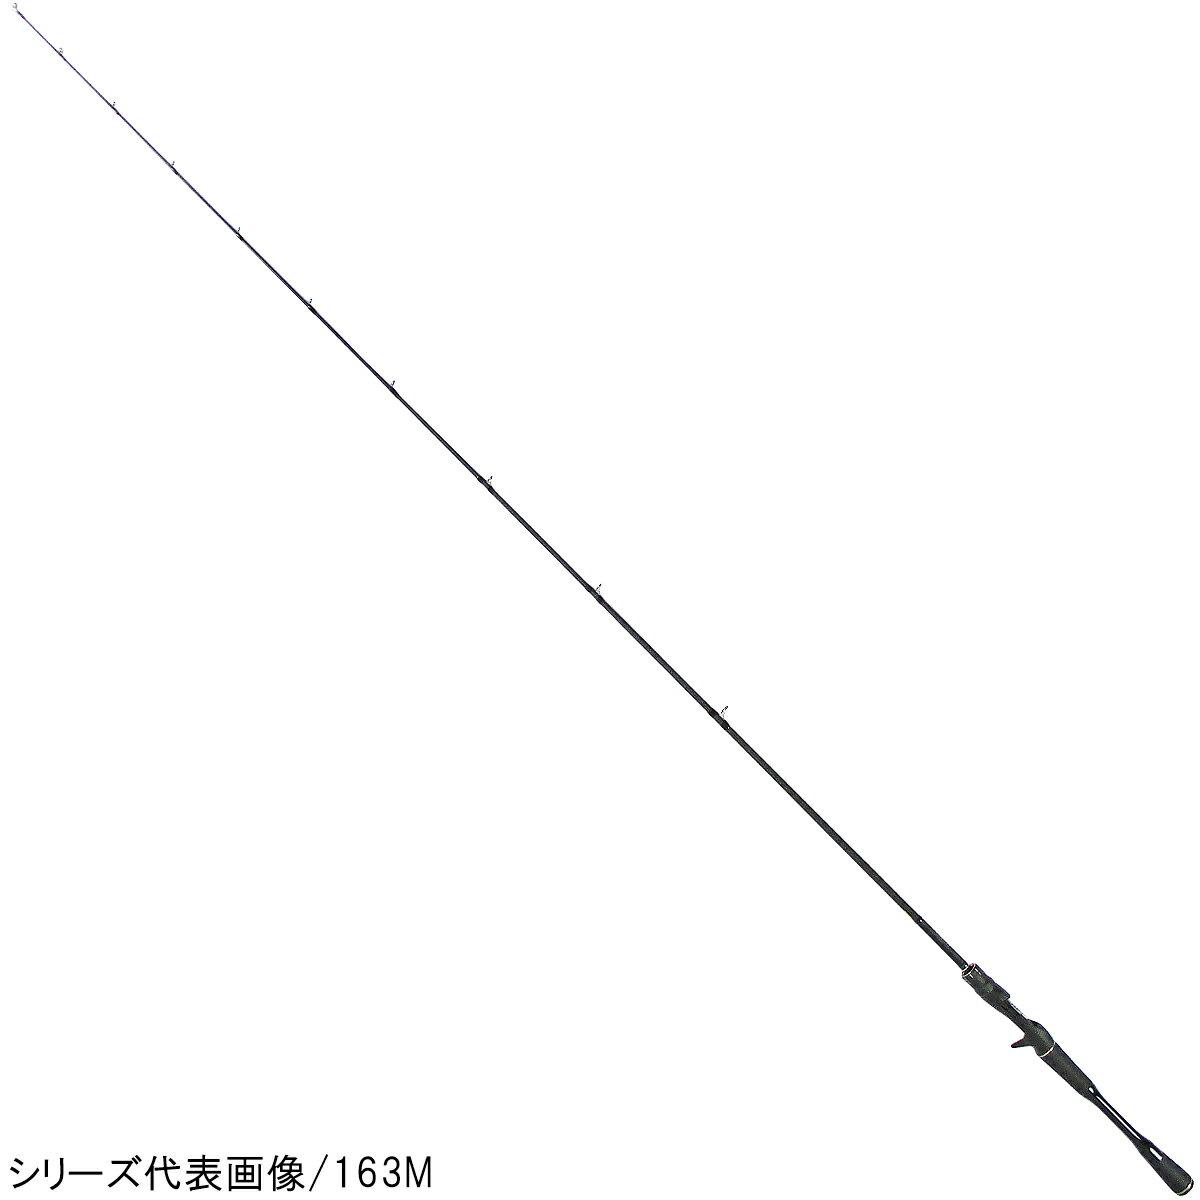 シマノ ポイズンアドレナ (ベイト) 163L-BFS【大型商品】